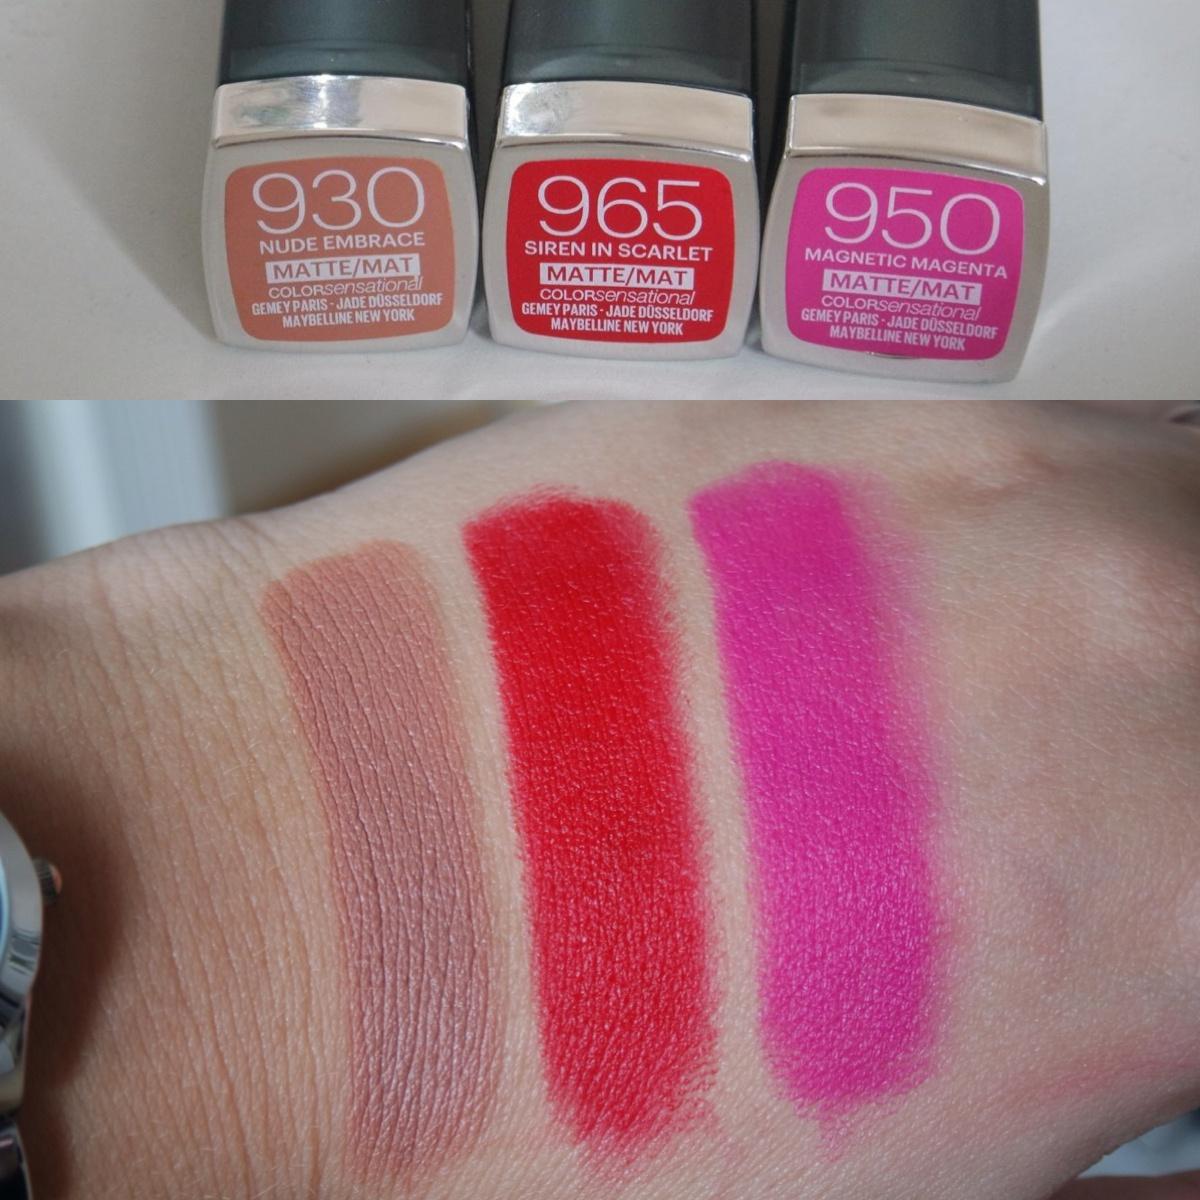 Scarlet Red Color Lipstick